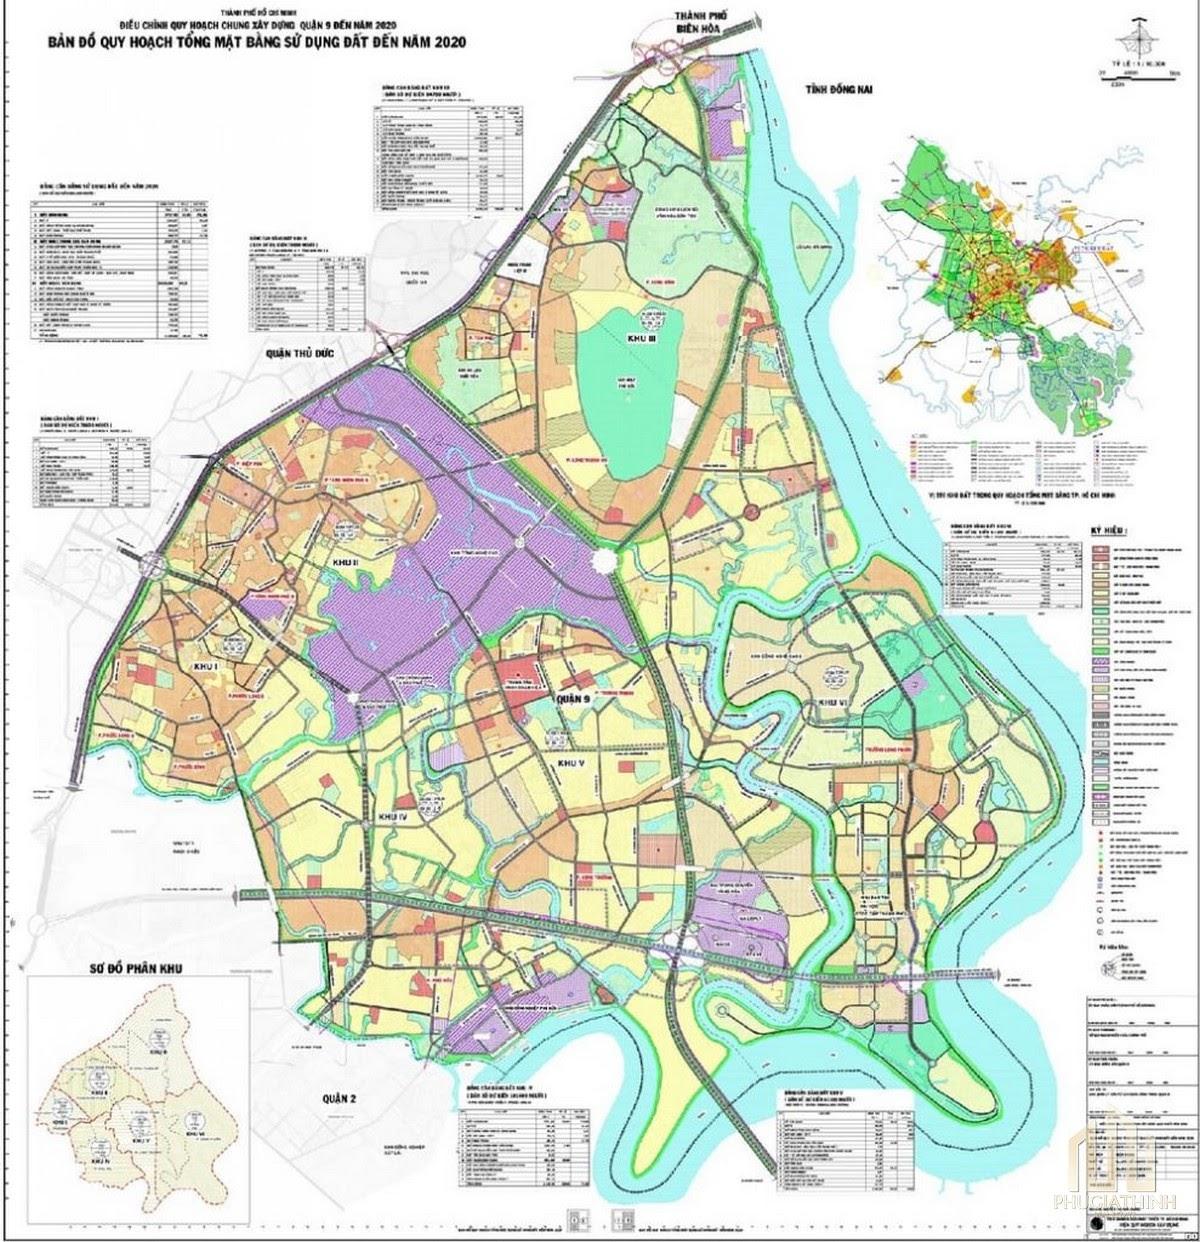 Bản đồ chi tiết quy hoạch quận 9 như thế nào